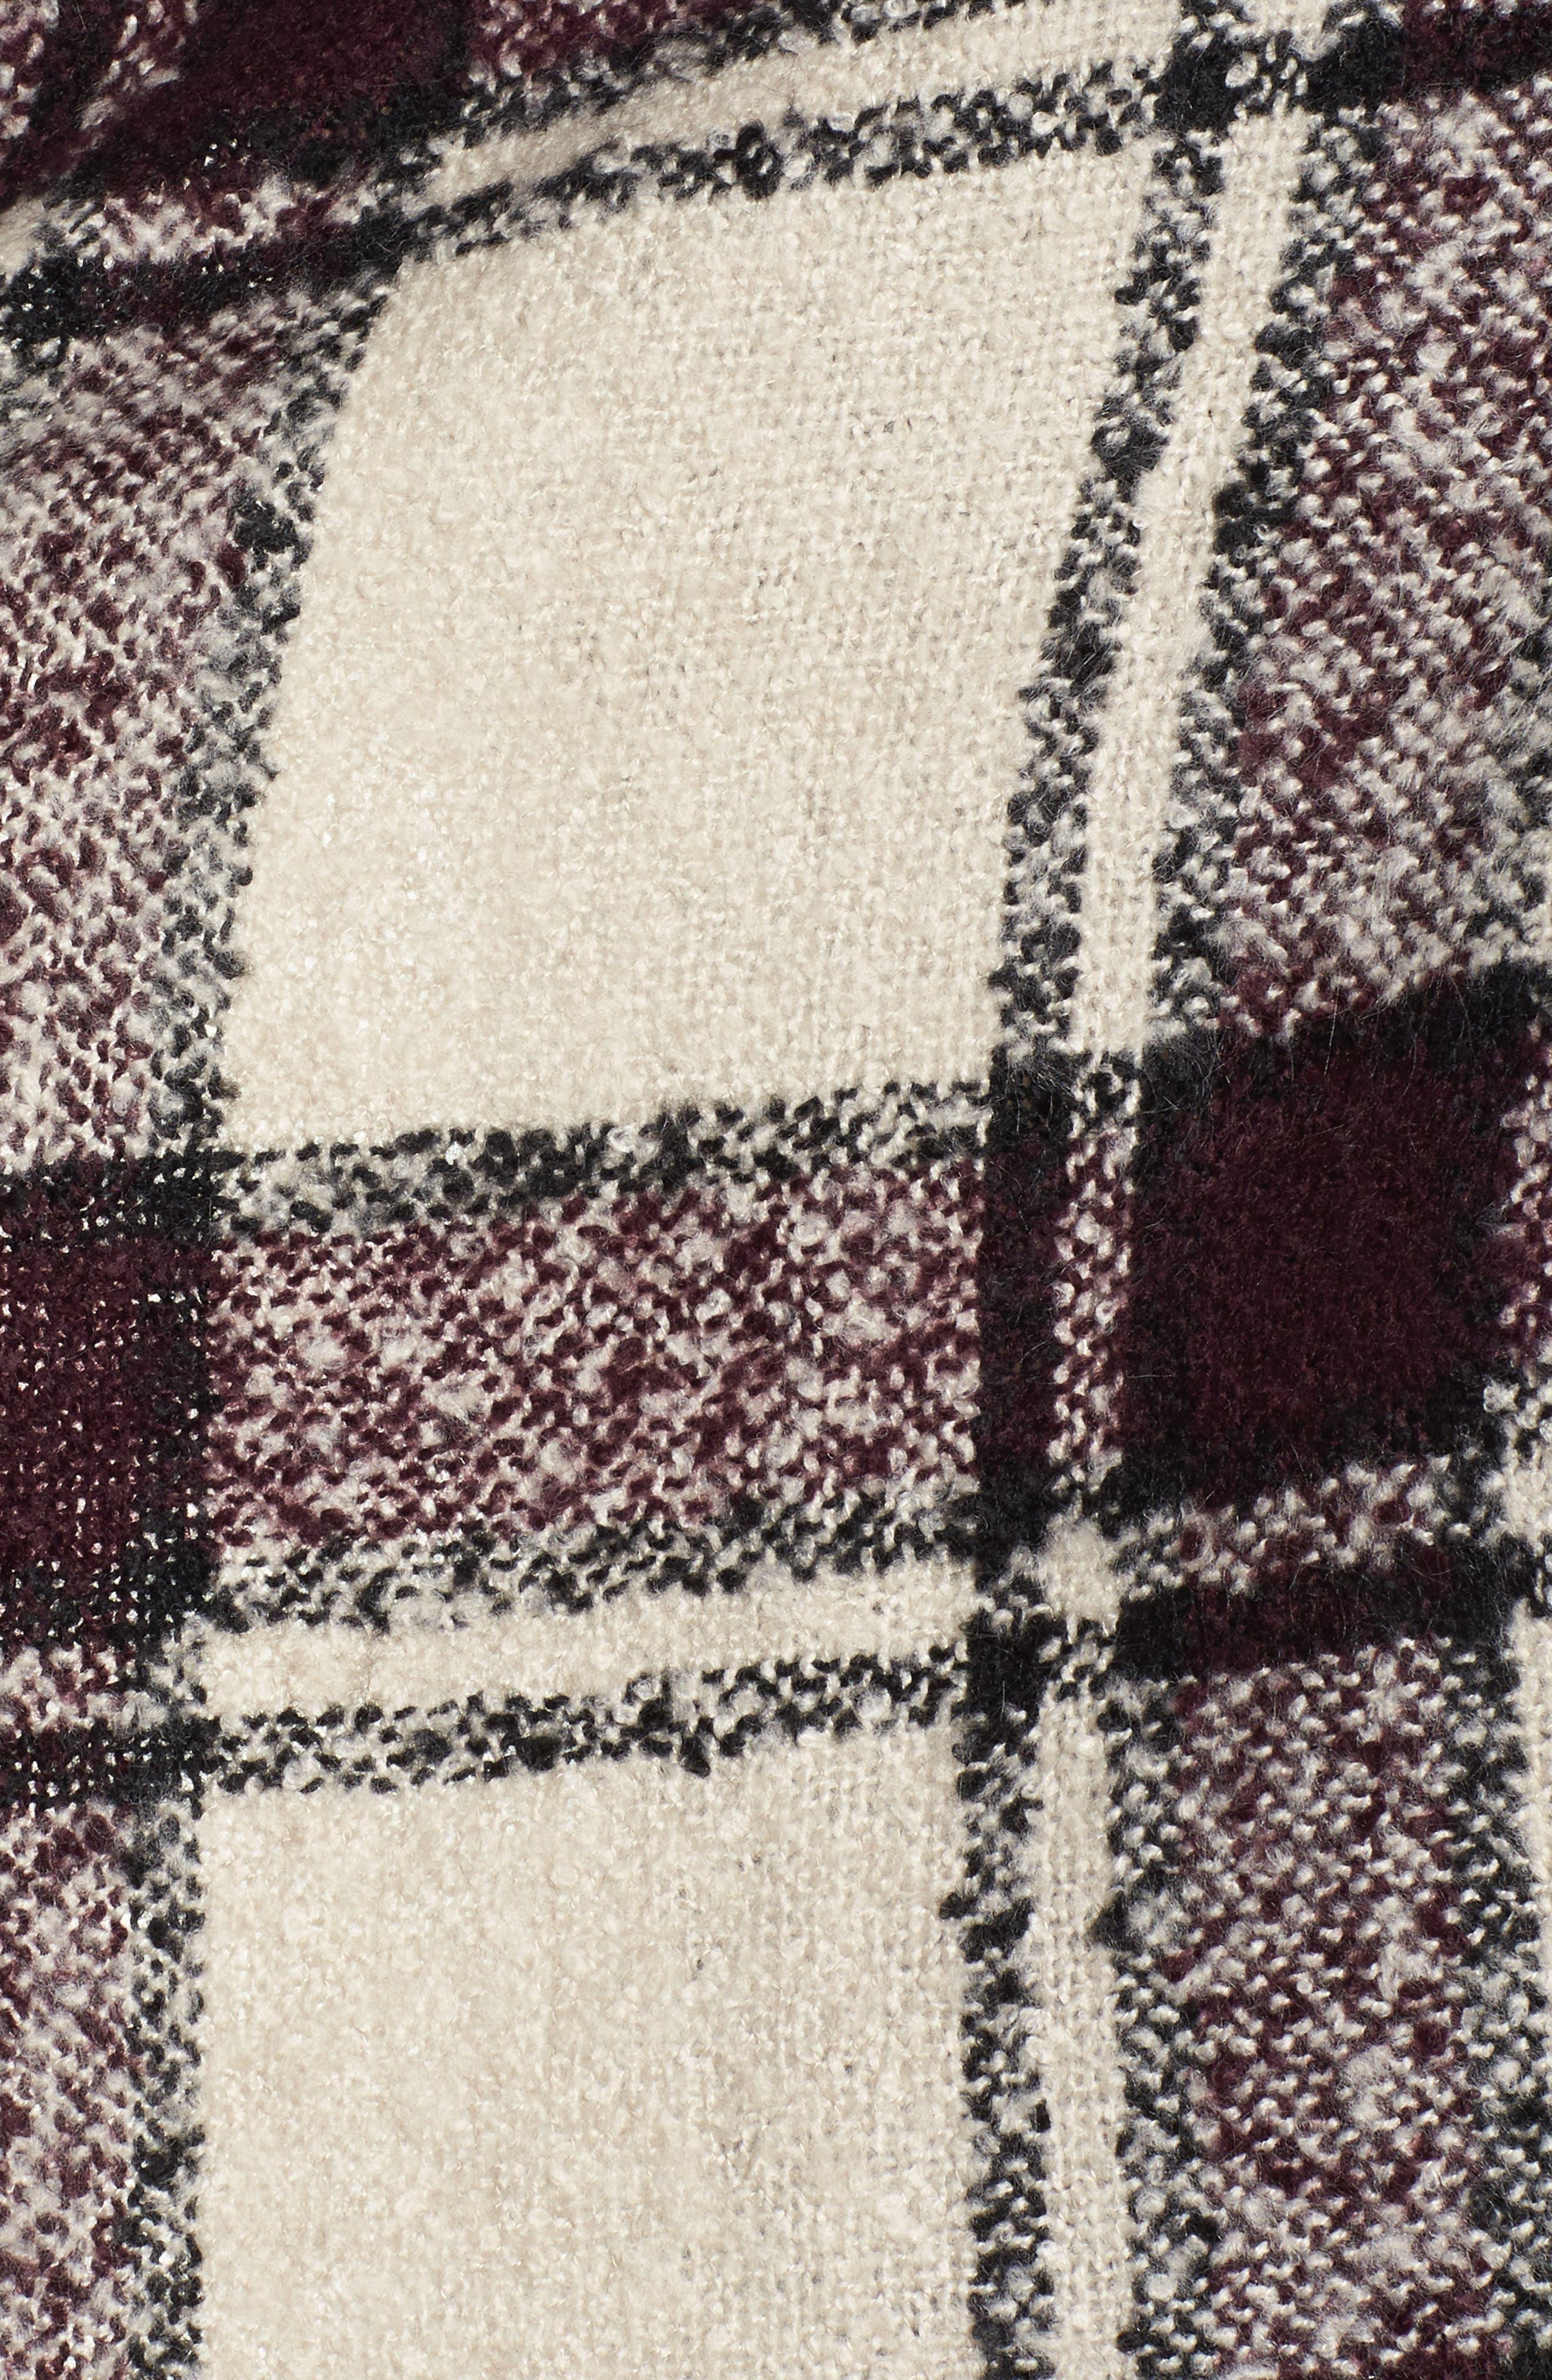 Plaid Bouclé Ruana,                             Alternate thumbnail 5, color,                             White Multi